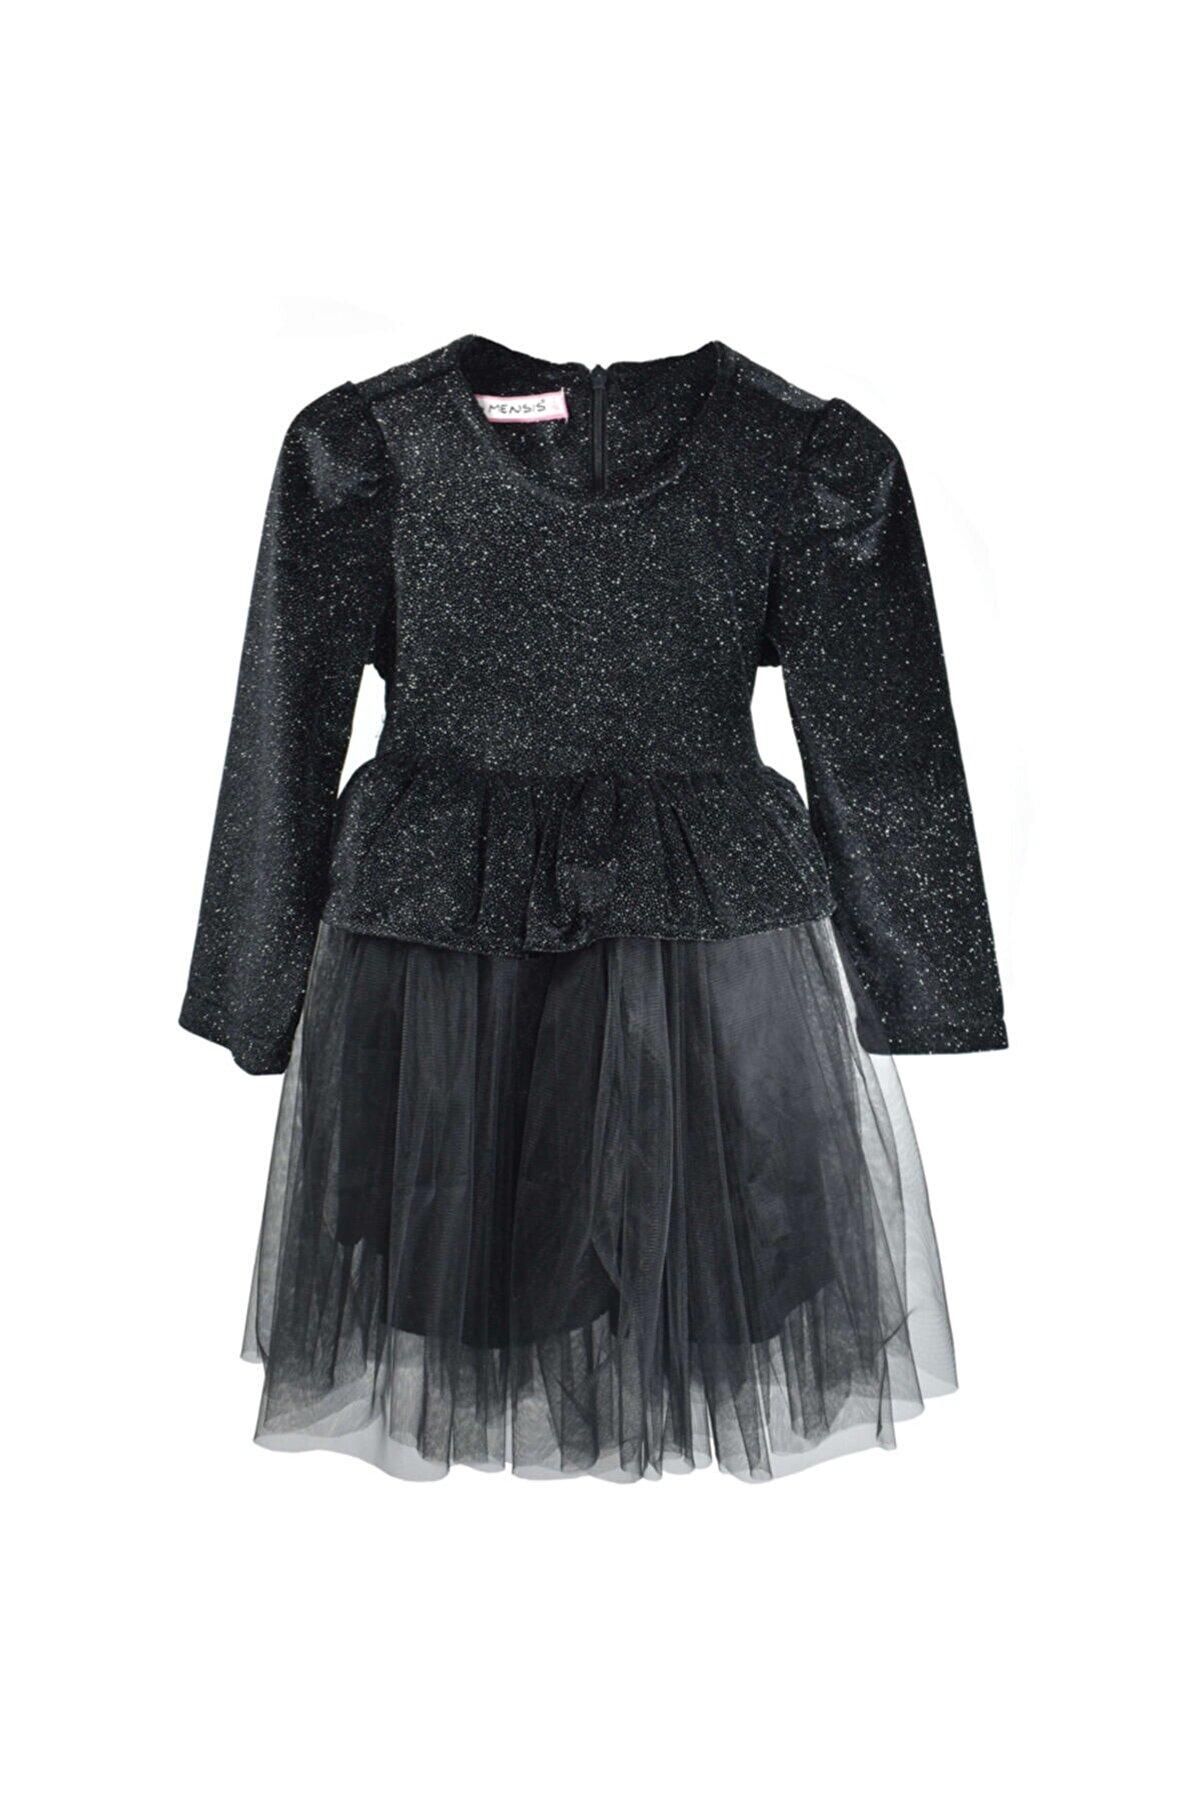 Mersevkids Kız Çocuk Simli Tül Etekli Kemerli Siyah Elbise 2-7 Yaş - Dar Kalıp